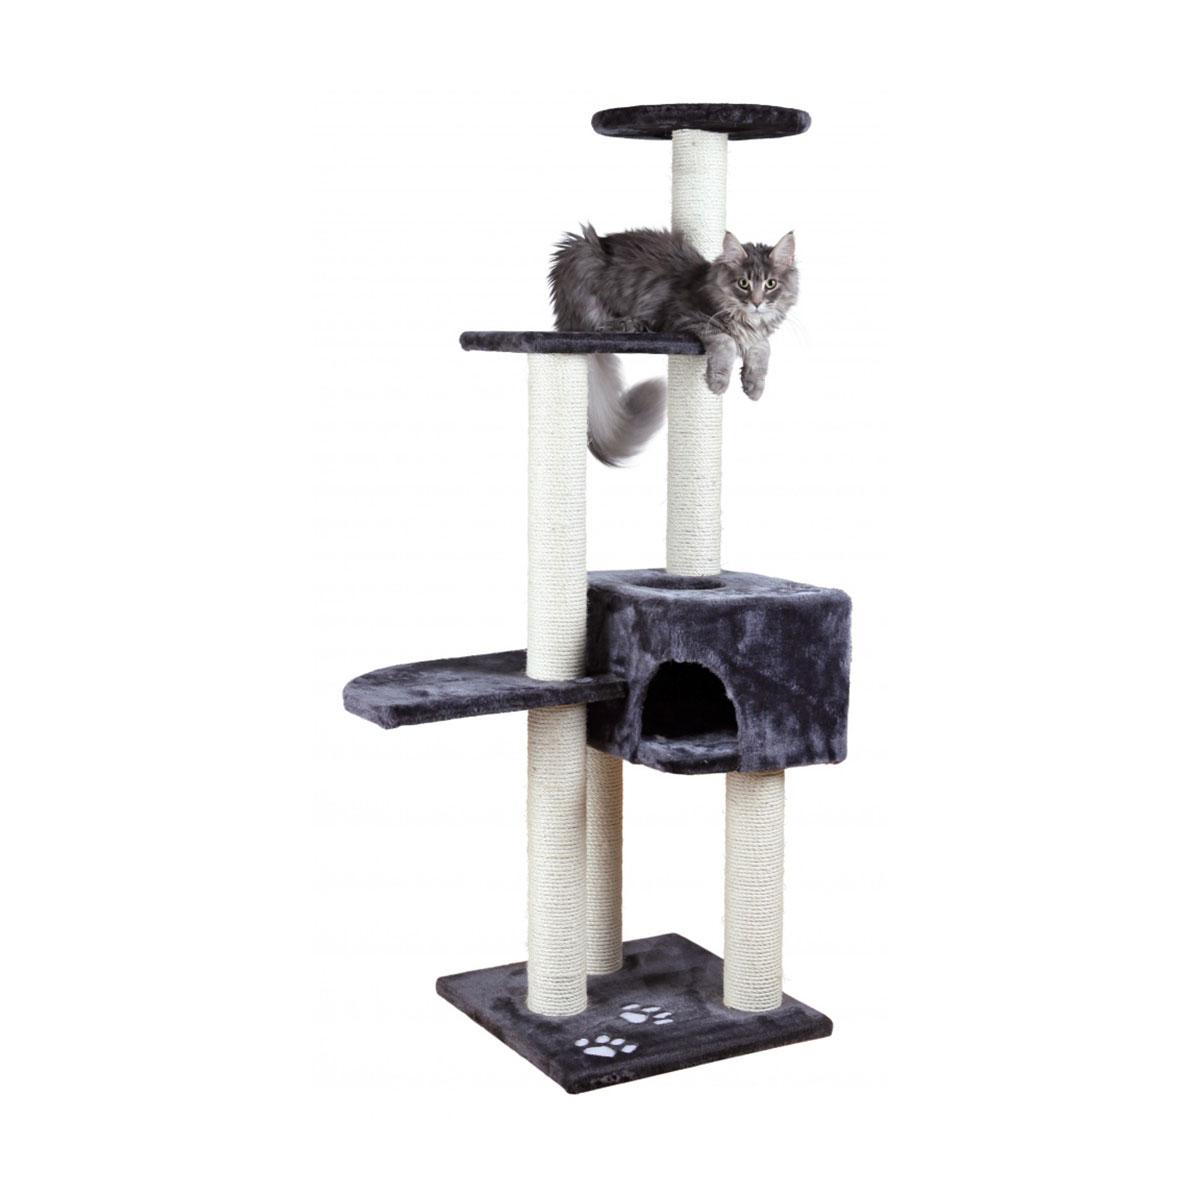 trixie kratzbaum alicante 142cm g nstig kaufen bei zooroyal. Black Bedroom Furniture Sets. Home Design Ideas